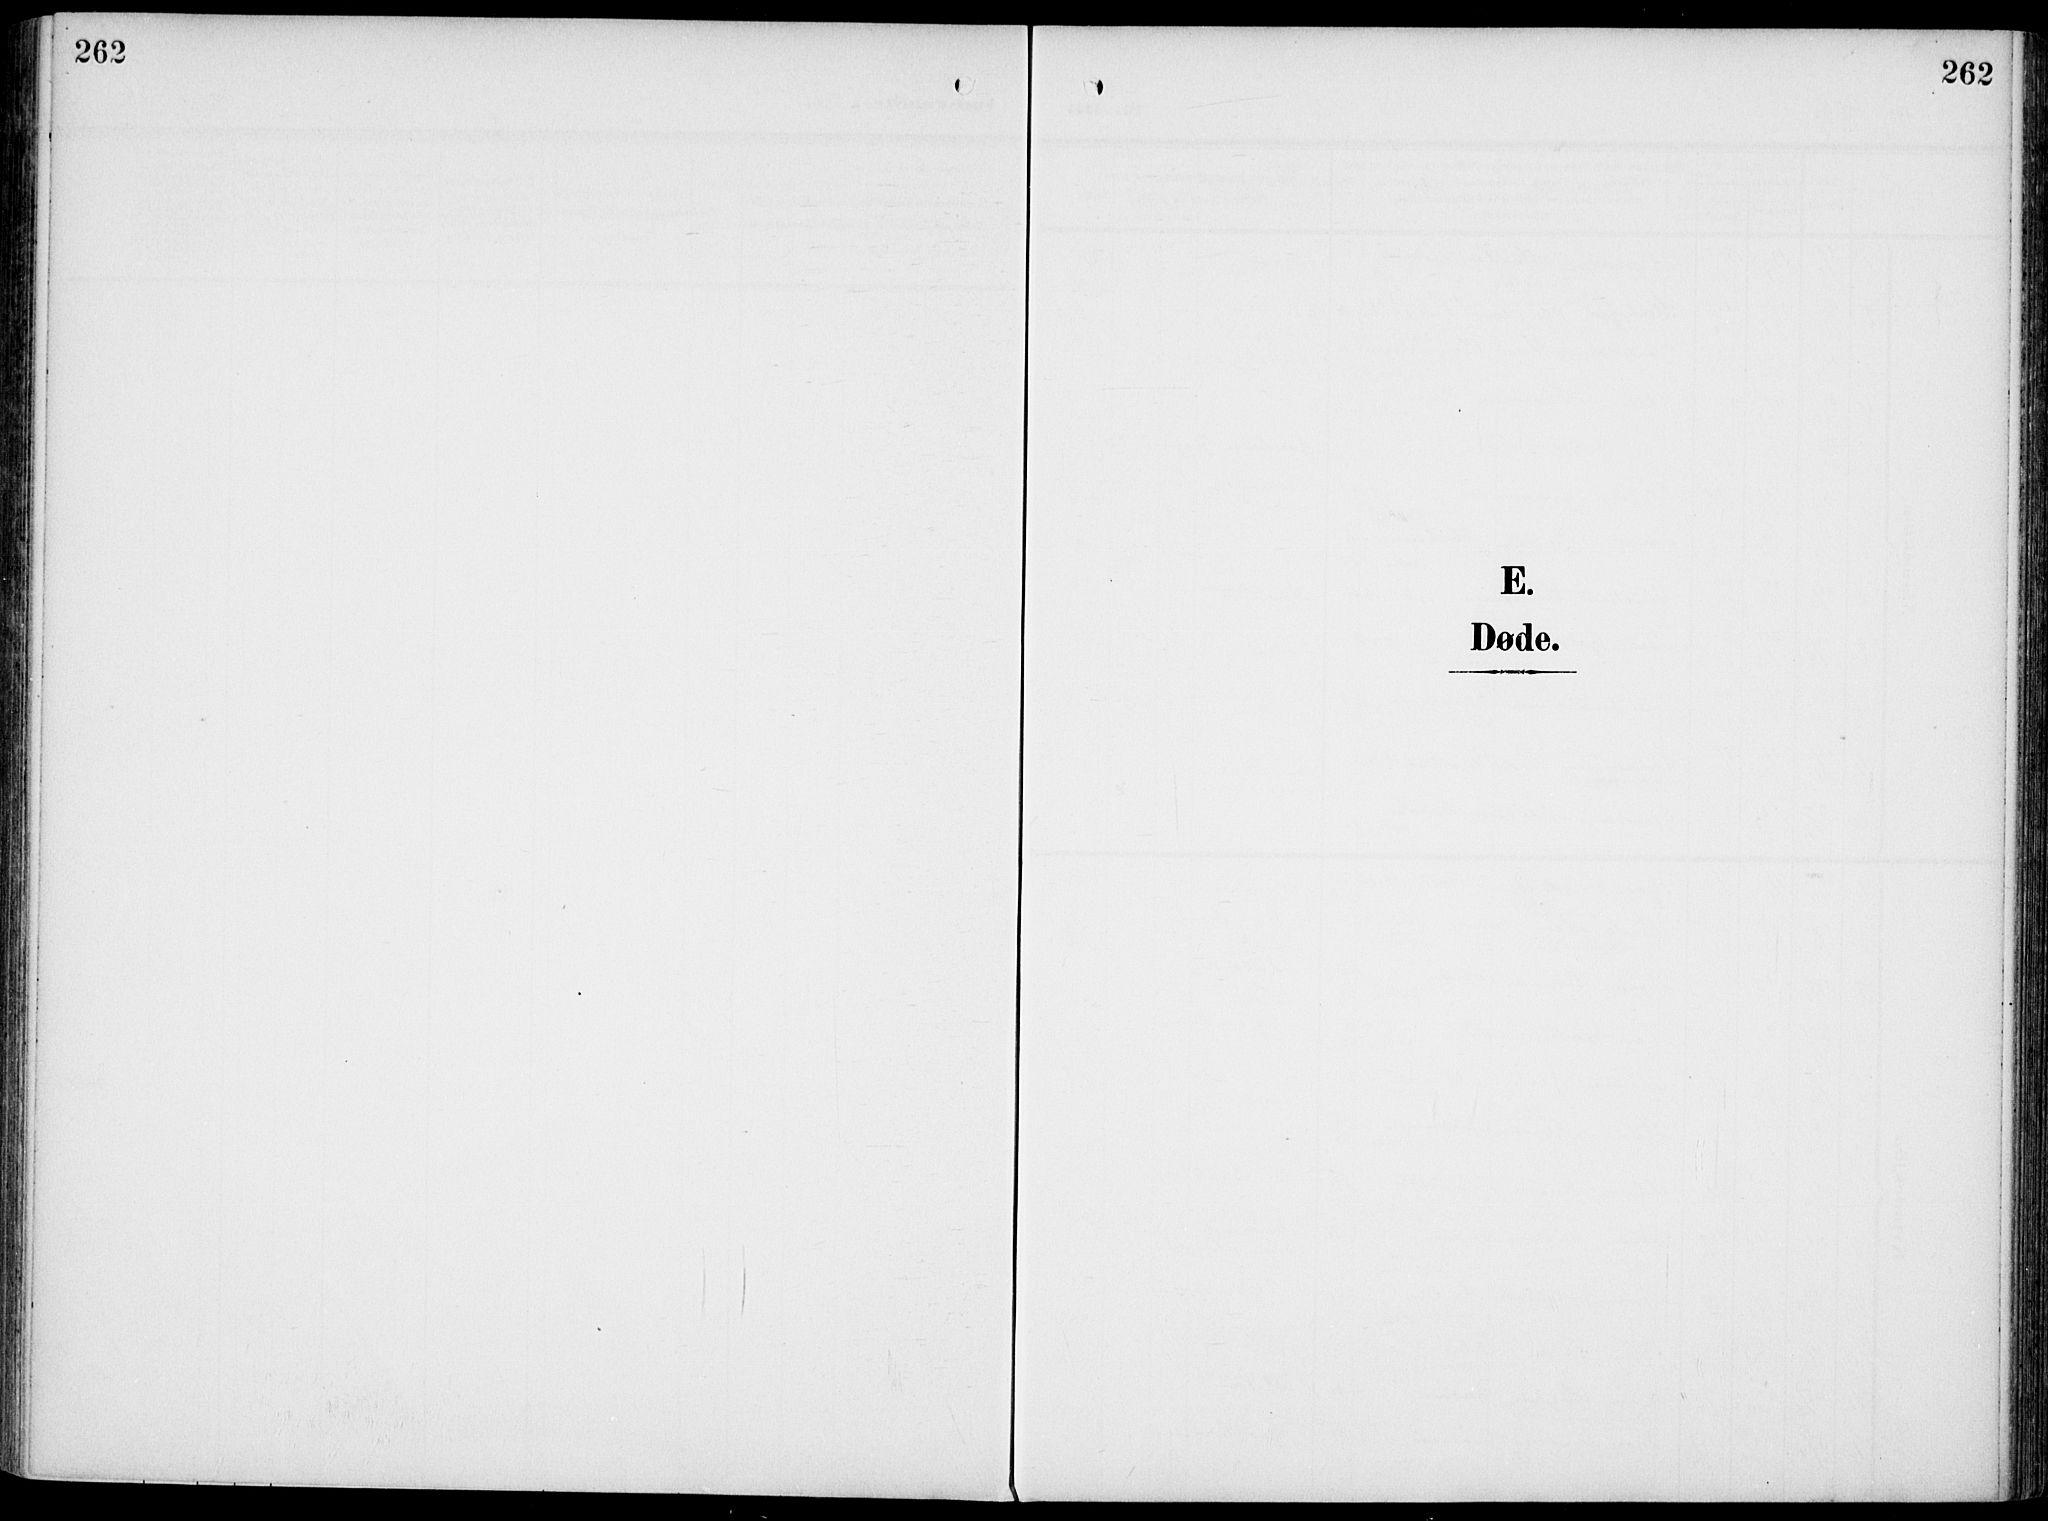 SAKO, Gjerpen kirkebøker, F/Fa/L0012: Ministerialbok nr. 12, 1905-1913, s. 262